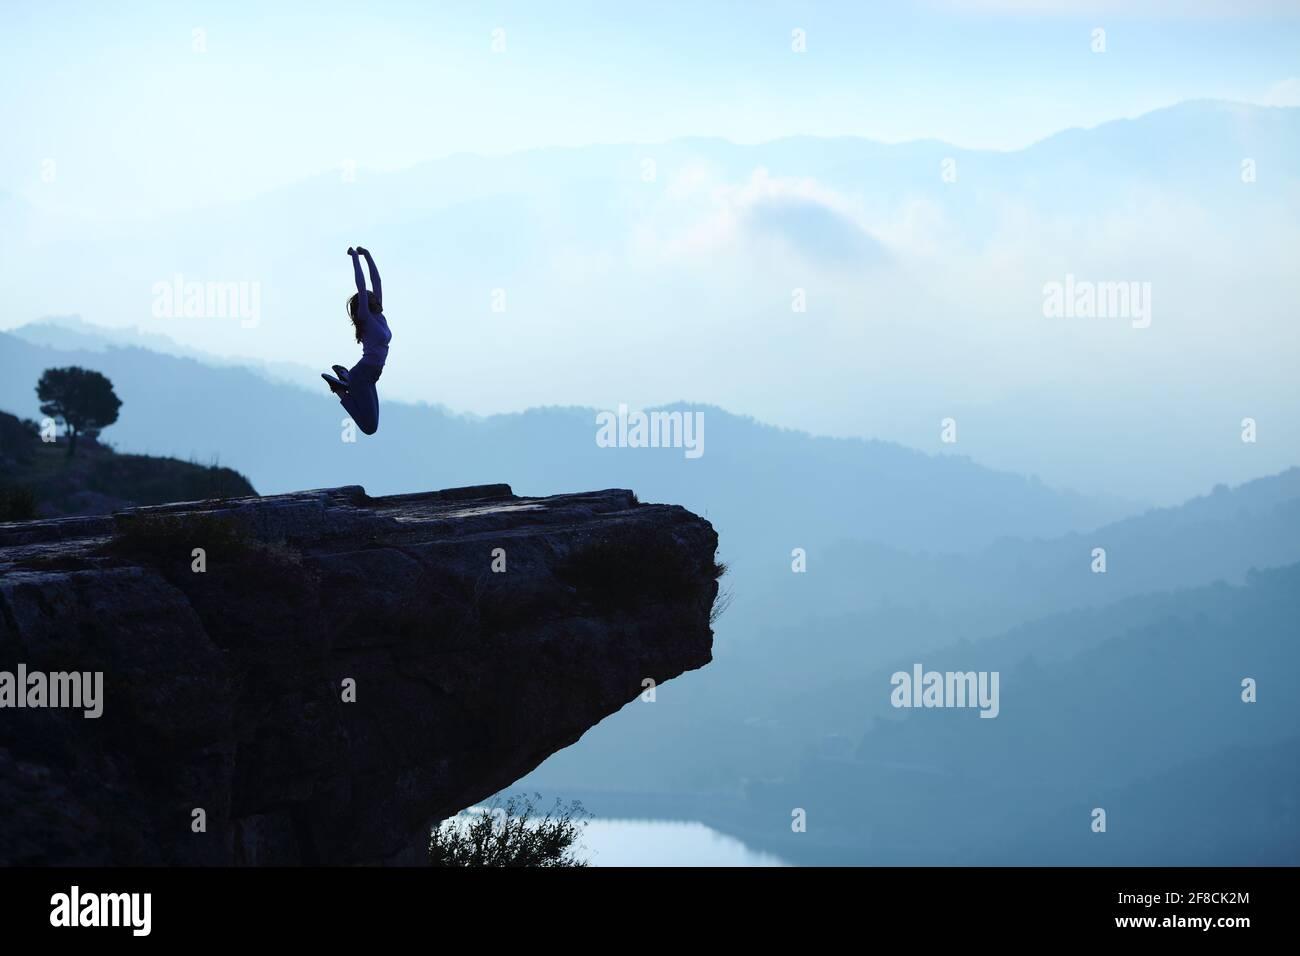 Hintergrundbeleuchtetes Porträt einer Frau, die oben in die Silhouette springt Von einer Klippe auf blauer Landschaft Stockfoto